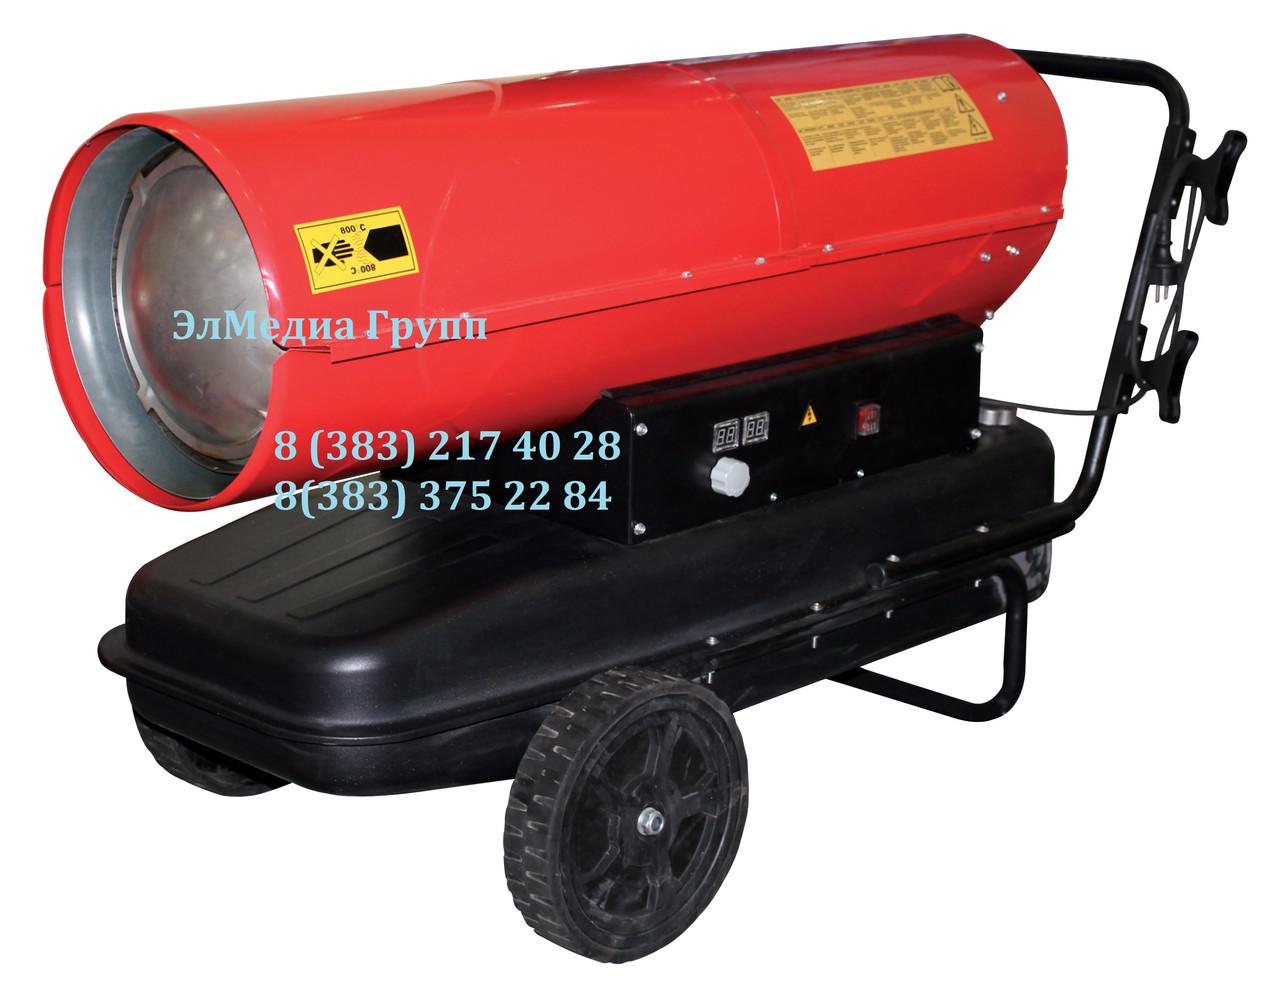 Дизельные тепловые пушки LMG, Kerona, Master 10 кВт, 20 кВт, 30 кВт, 40 кВт, 50 кВт, 70 кВт, 80 кВт, 100 кВт